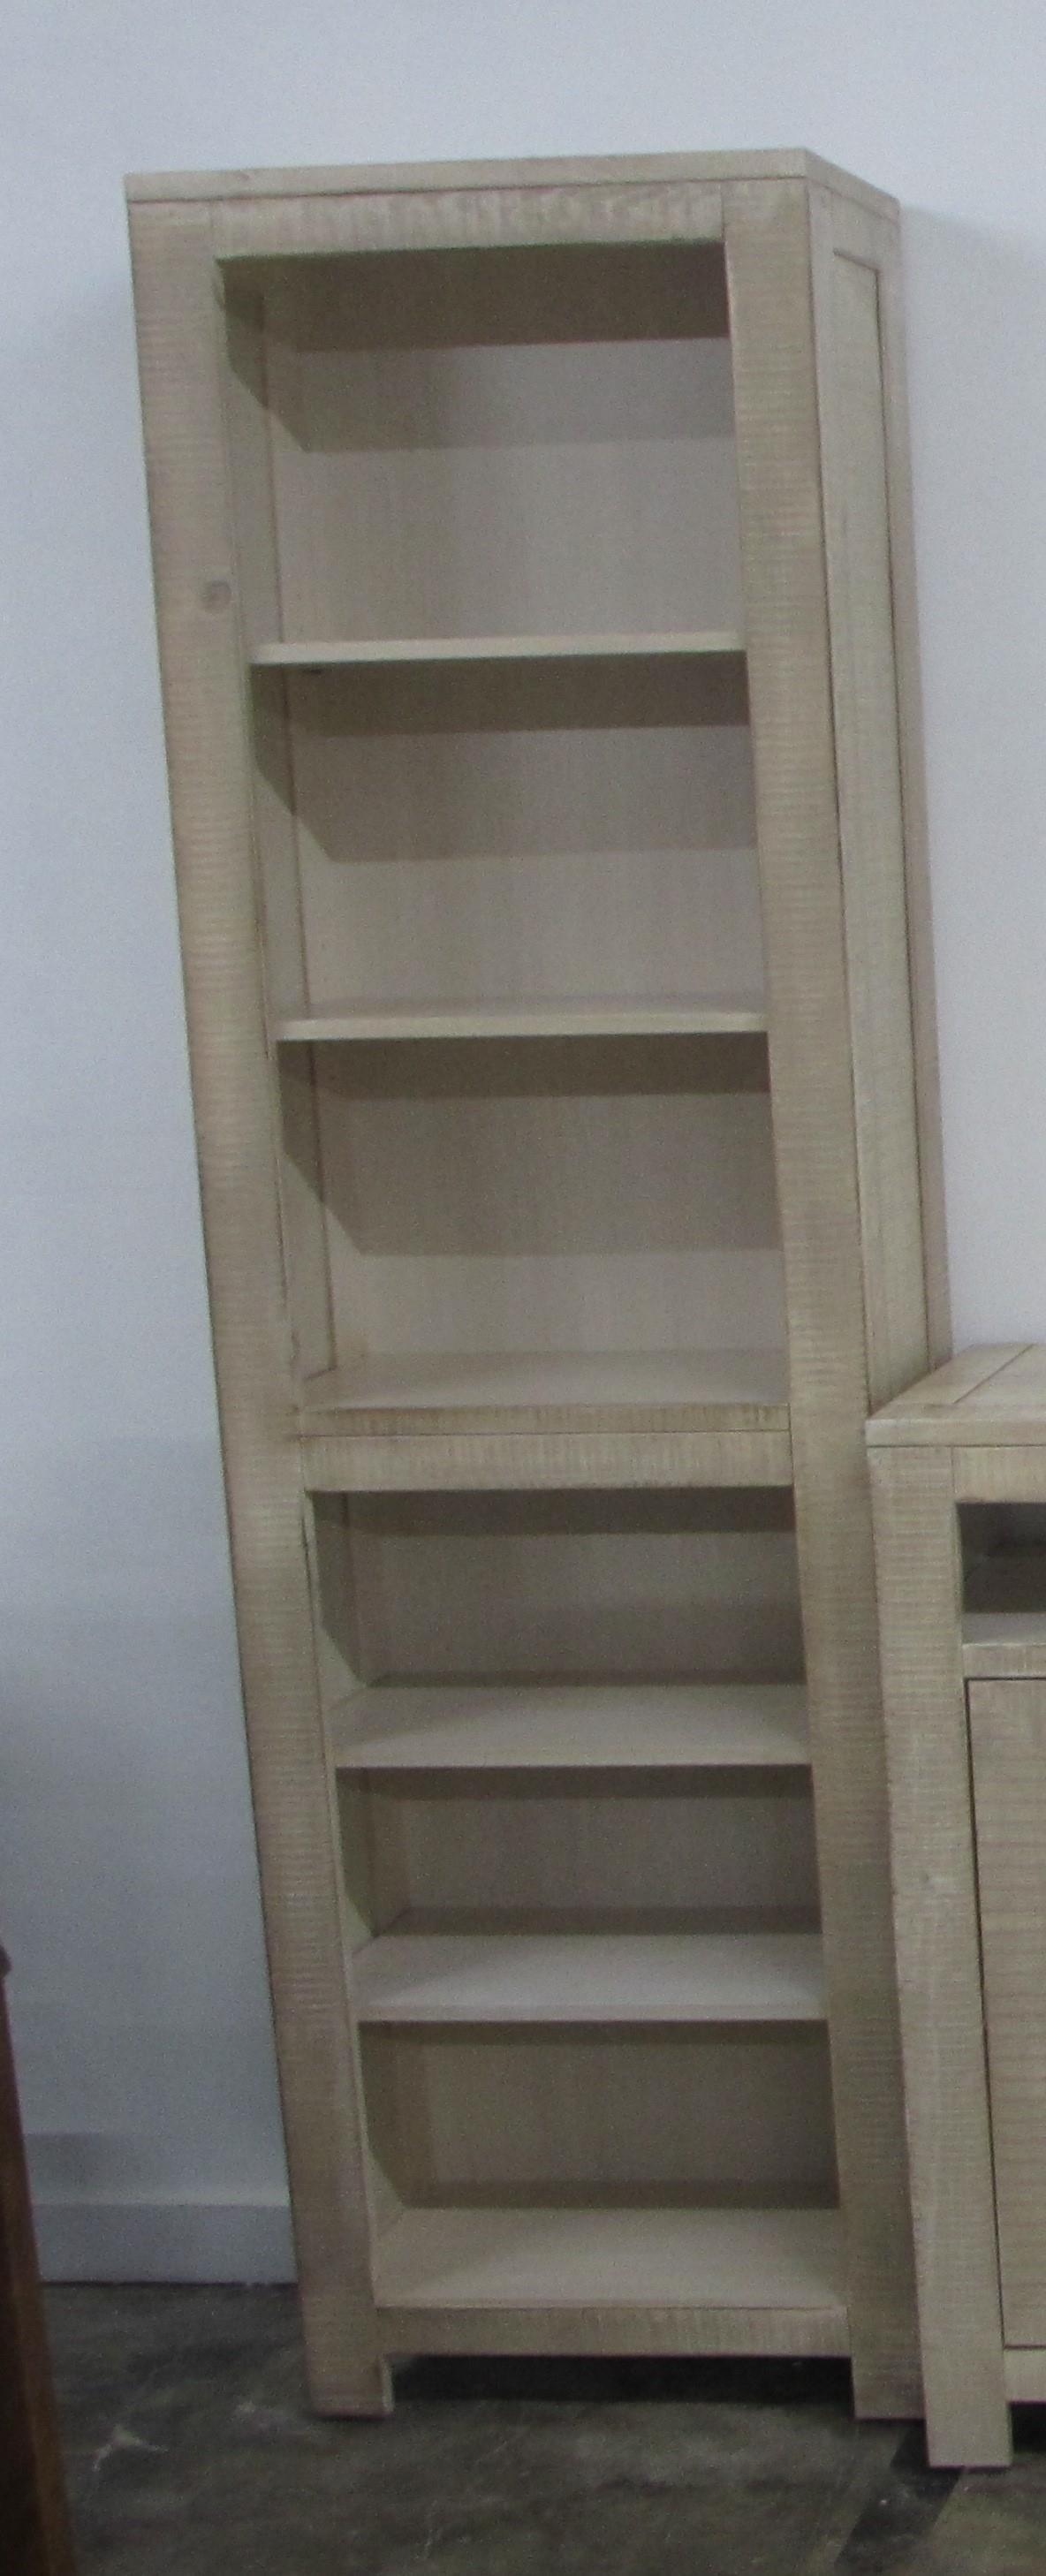 Oak Furniture West 6149BL Bookcase - Item Number: 6178HF